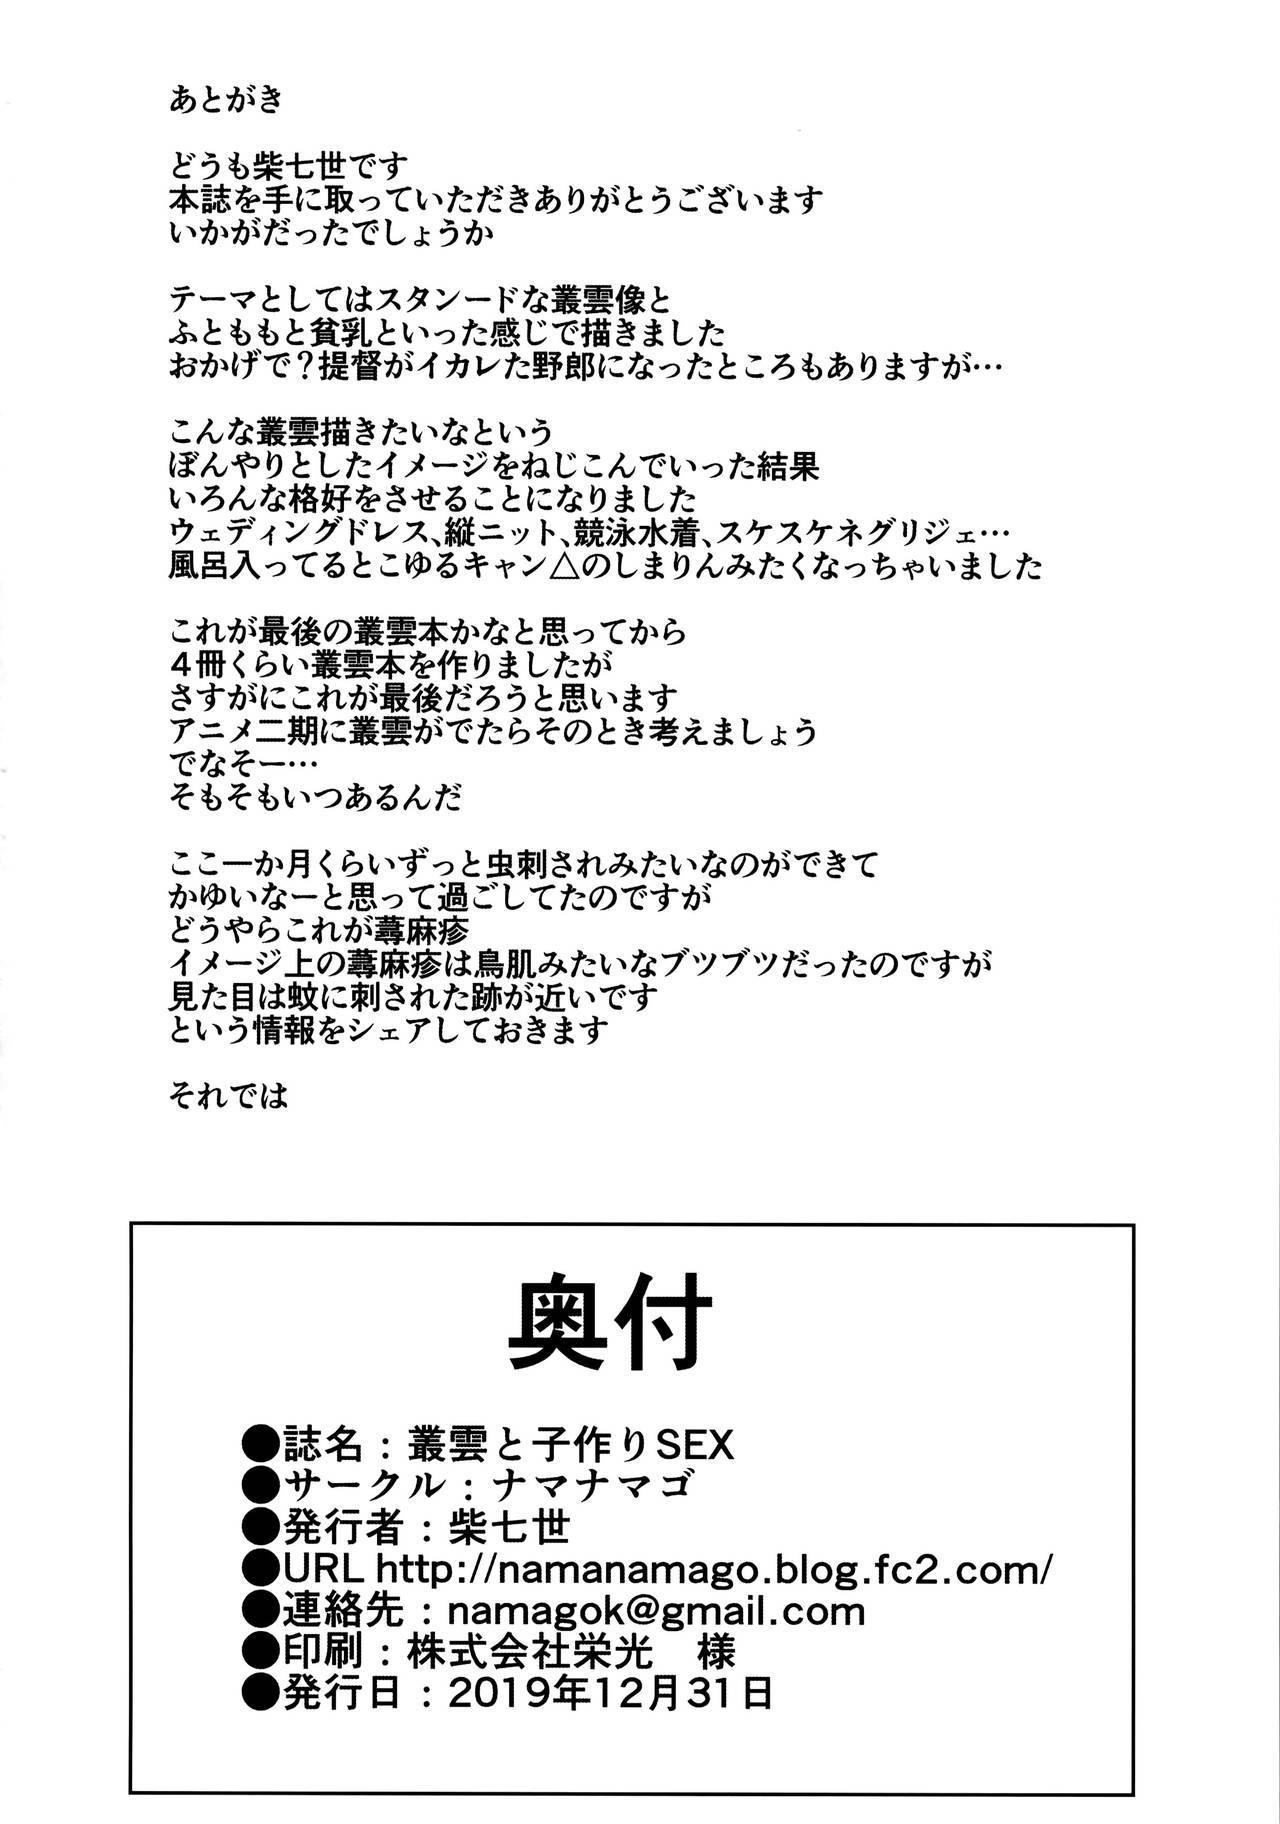 Murakumo to Kozukuri SEX 25